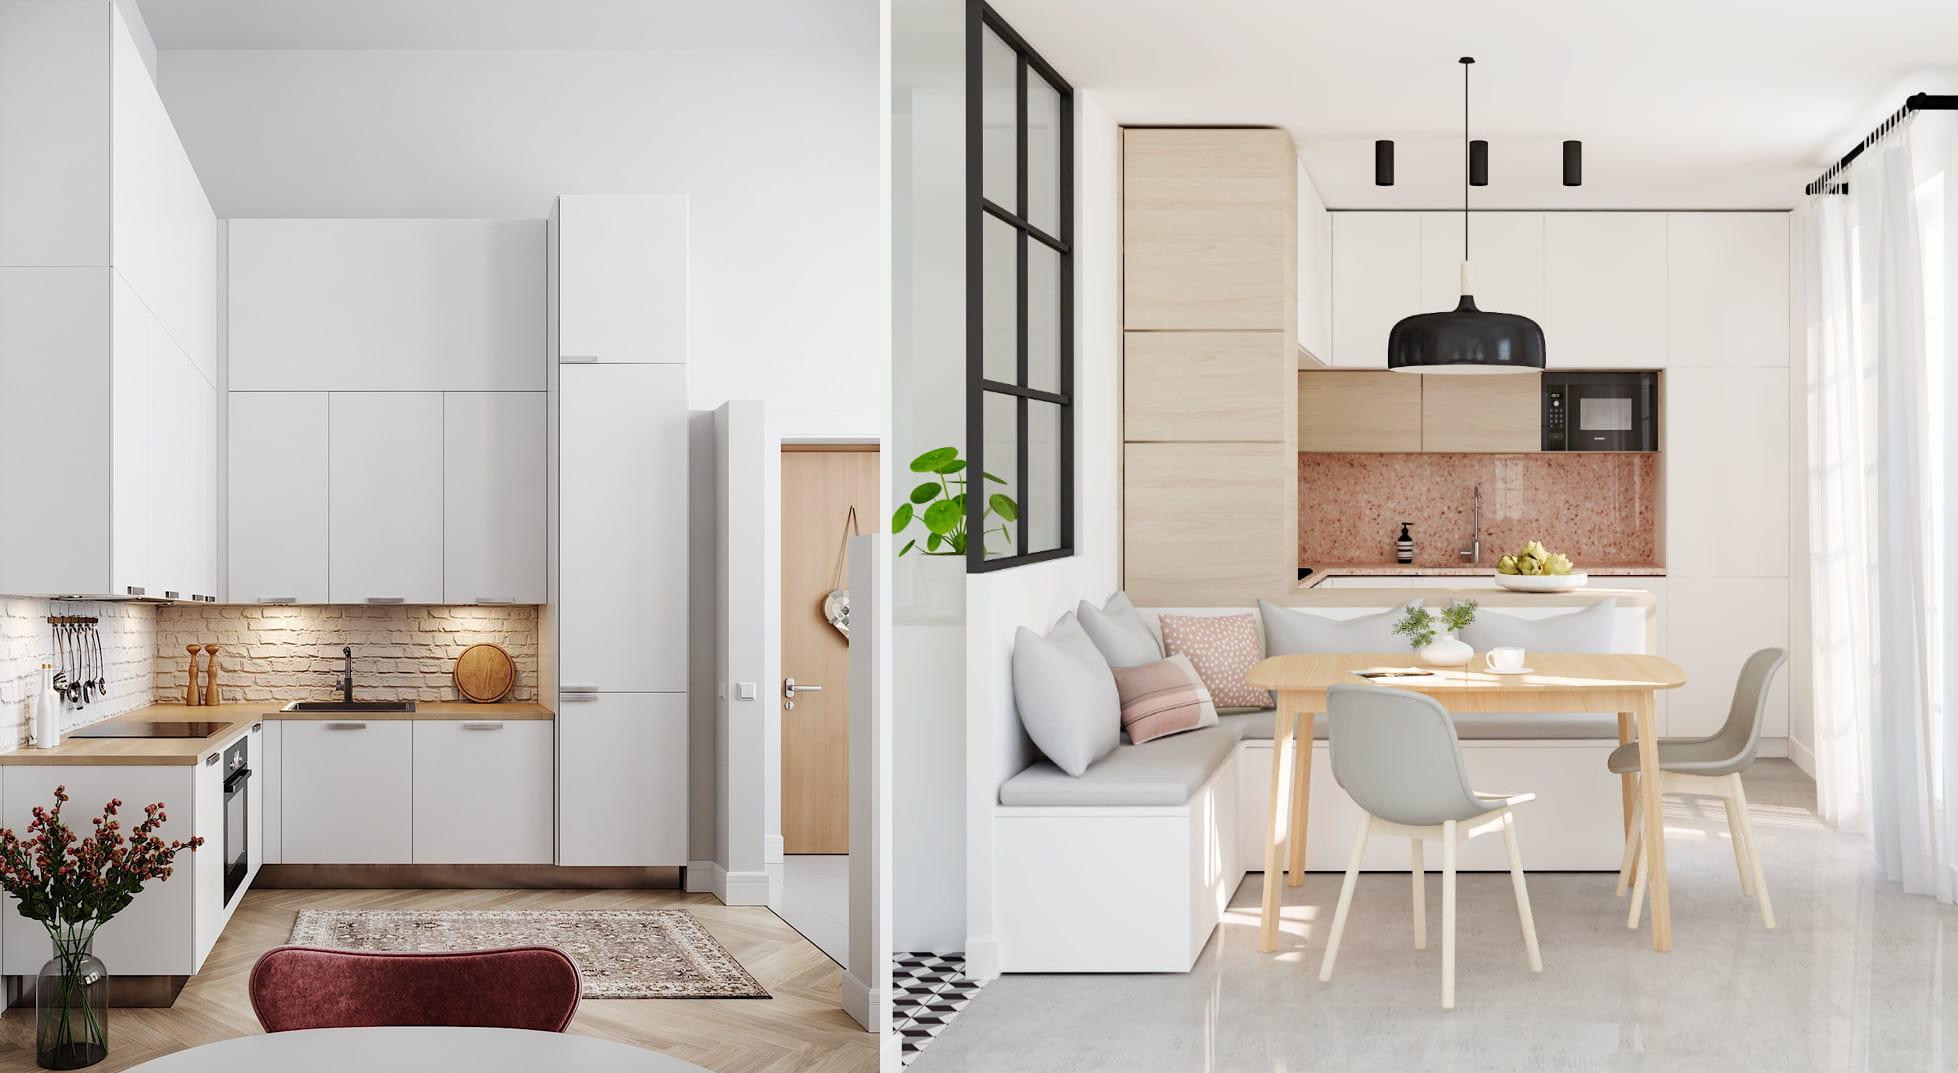 Роскошный интерьер маленькой кухни в белоснежном исполнении